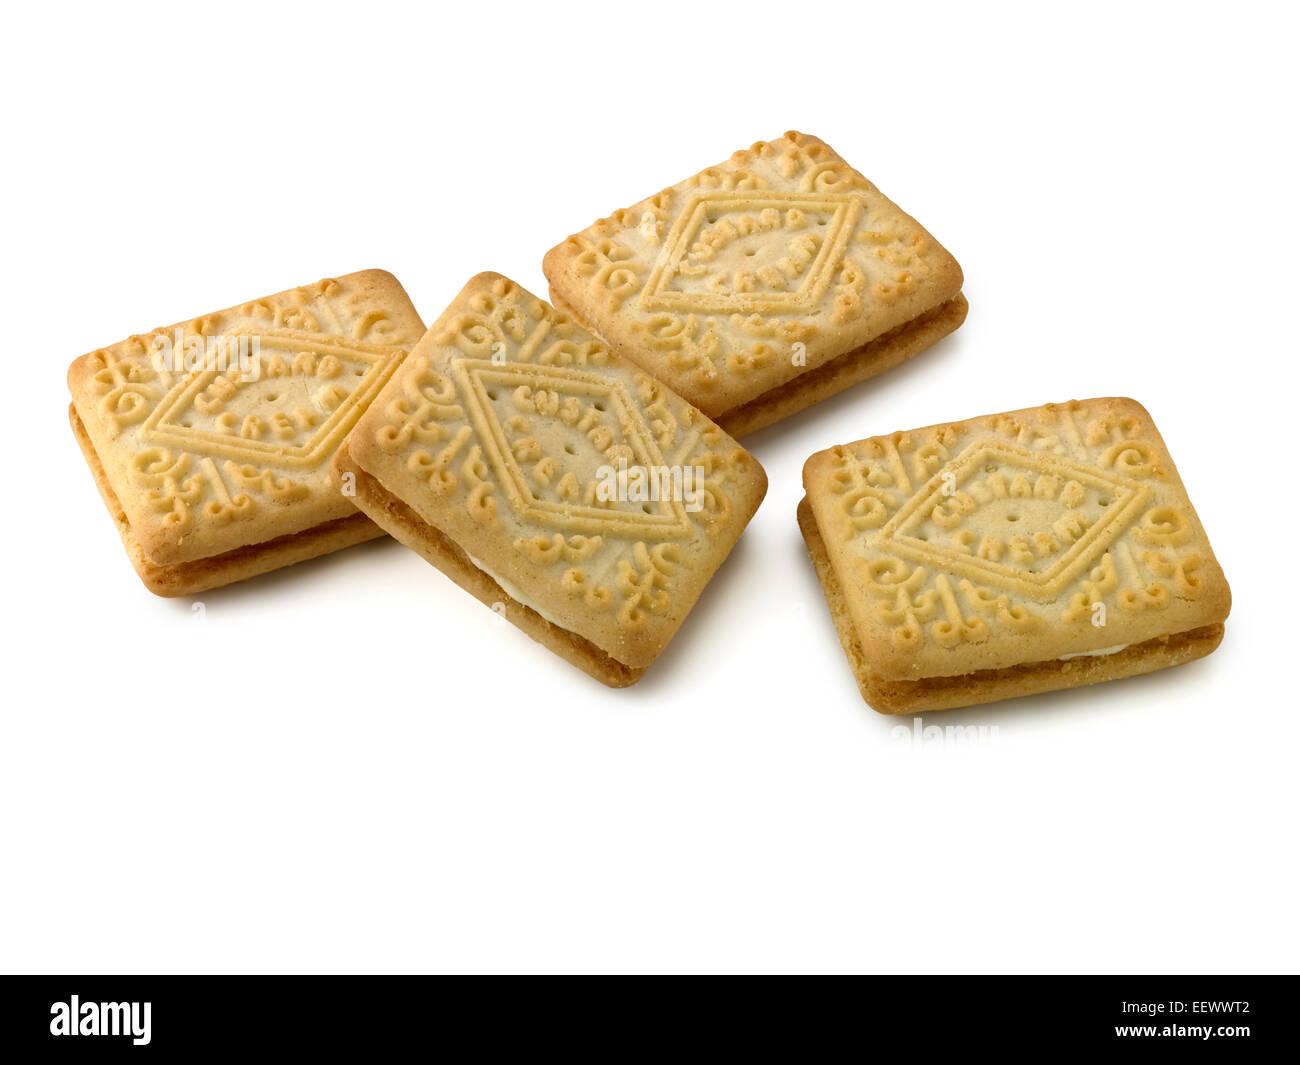 Crema pasticcera biscotto Foto Stock